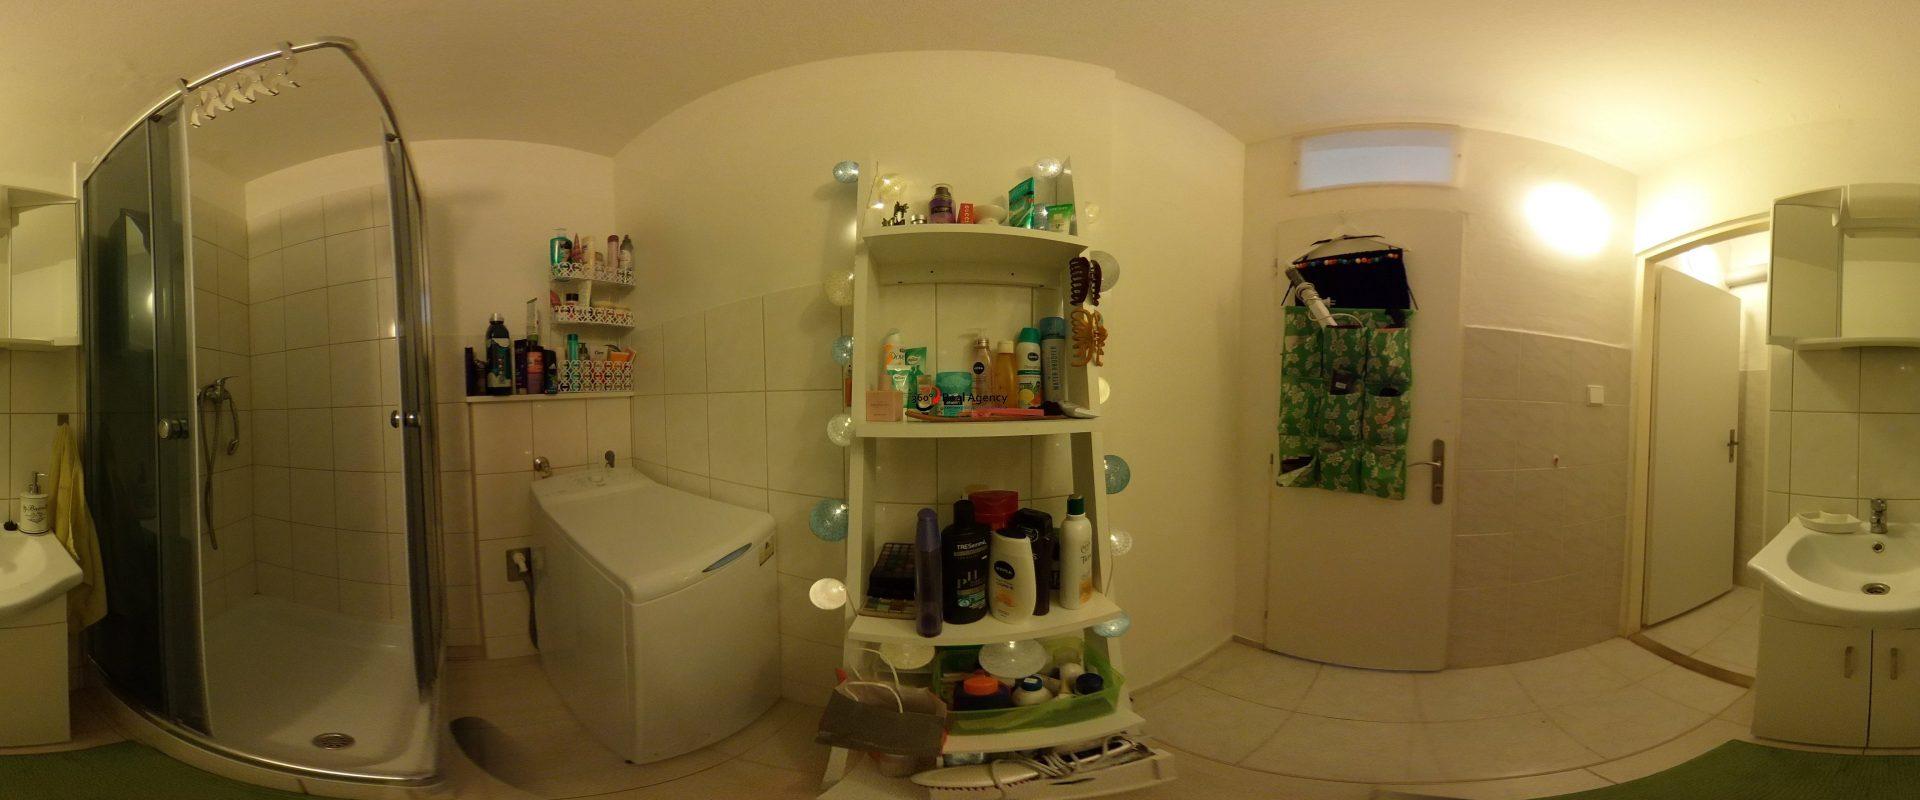 2+KK, 39 m2, kancelář, výroba, provozovna, lze kolaudovat na byt. Ul. Holandská, Kladno.